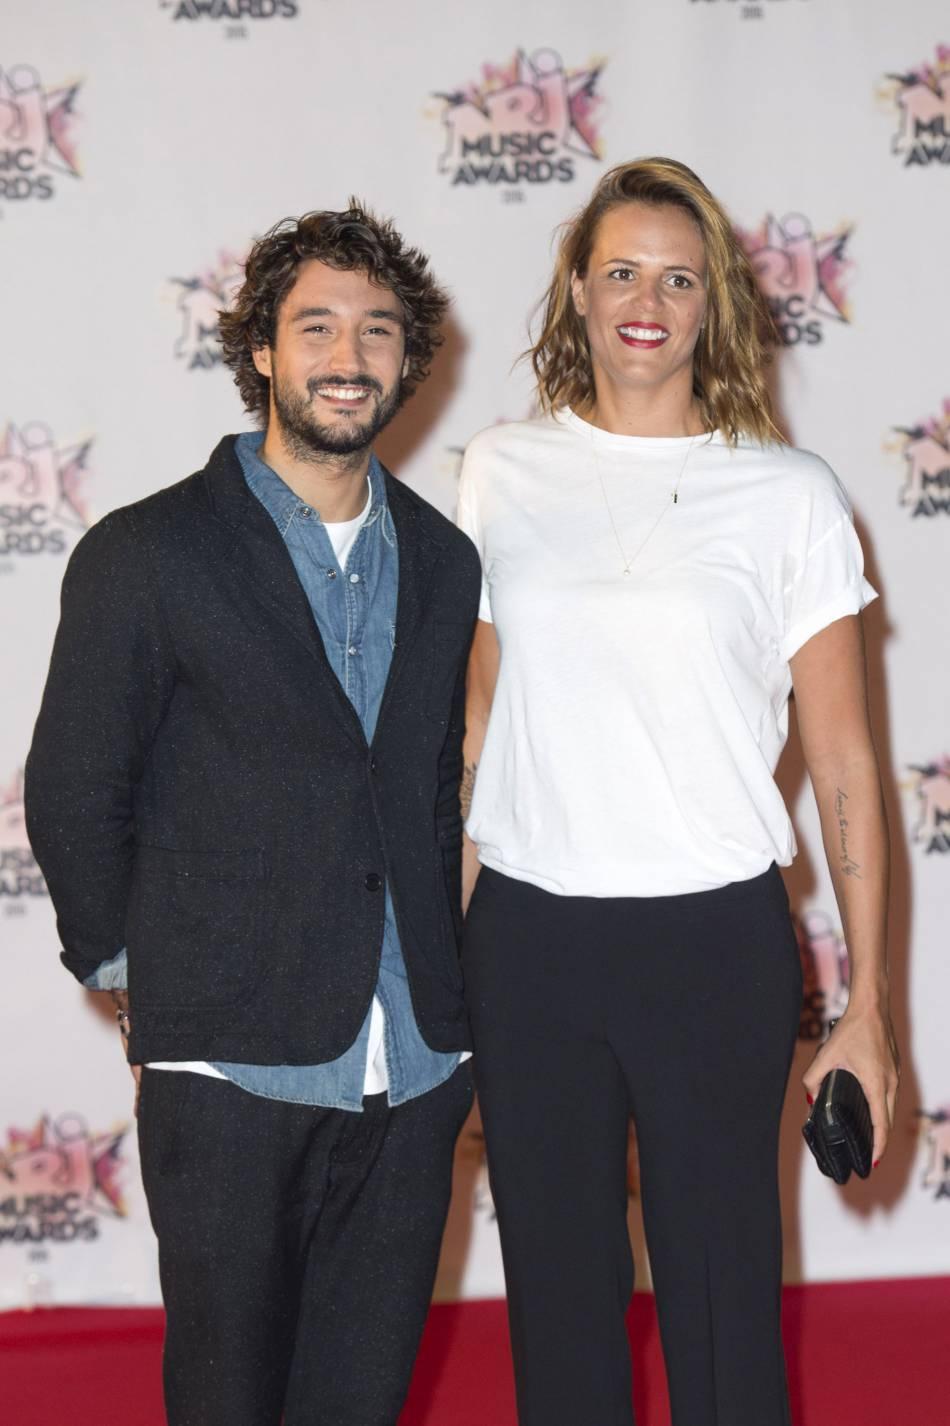 Mariage De Laure Manaudou Et Jeremy Frerot